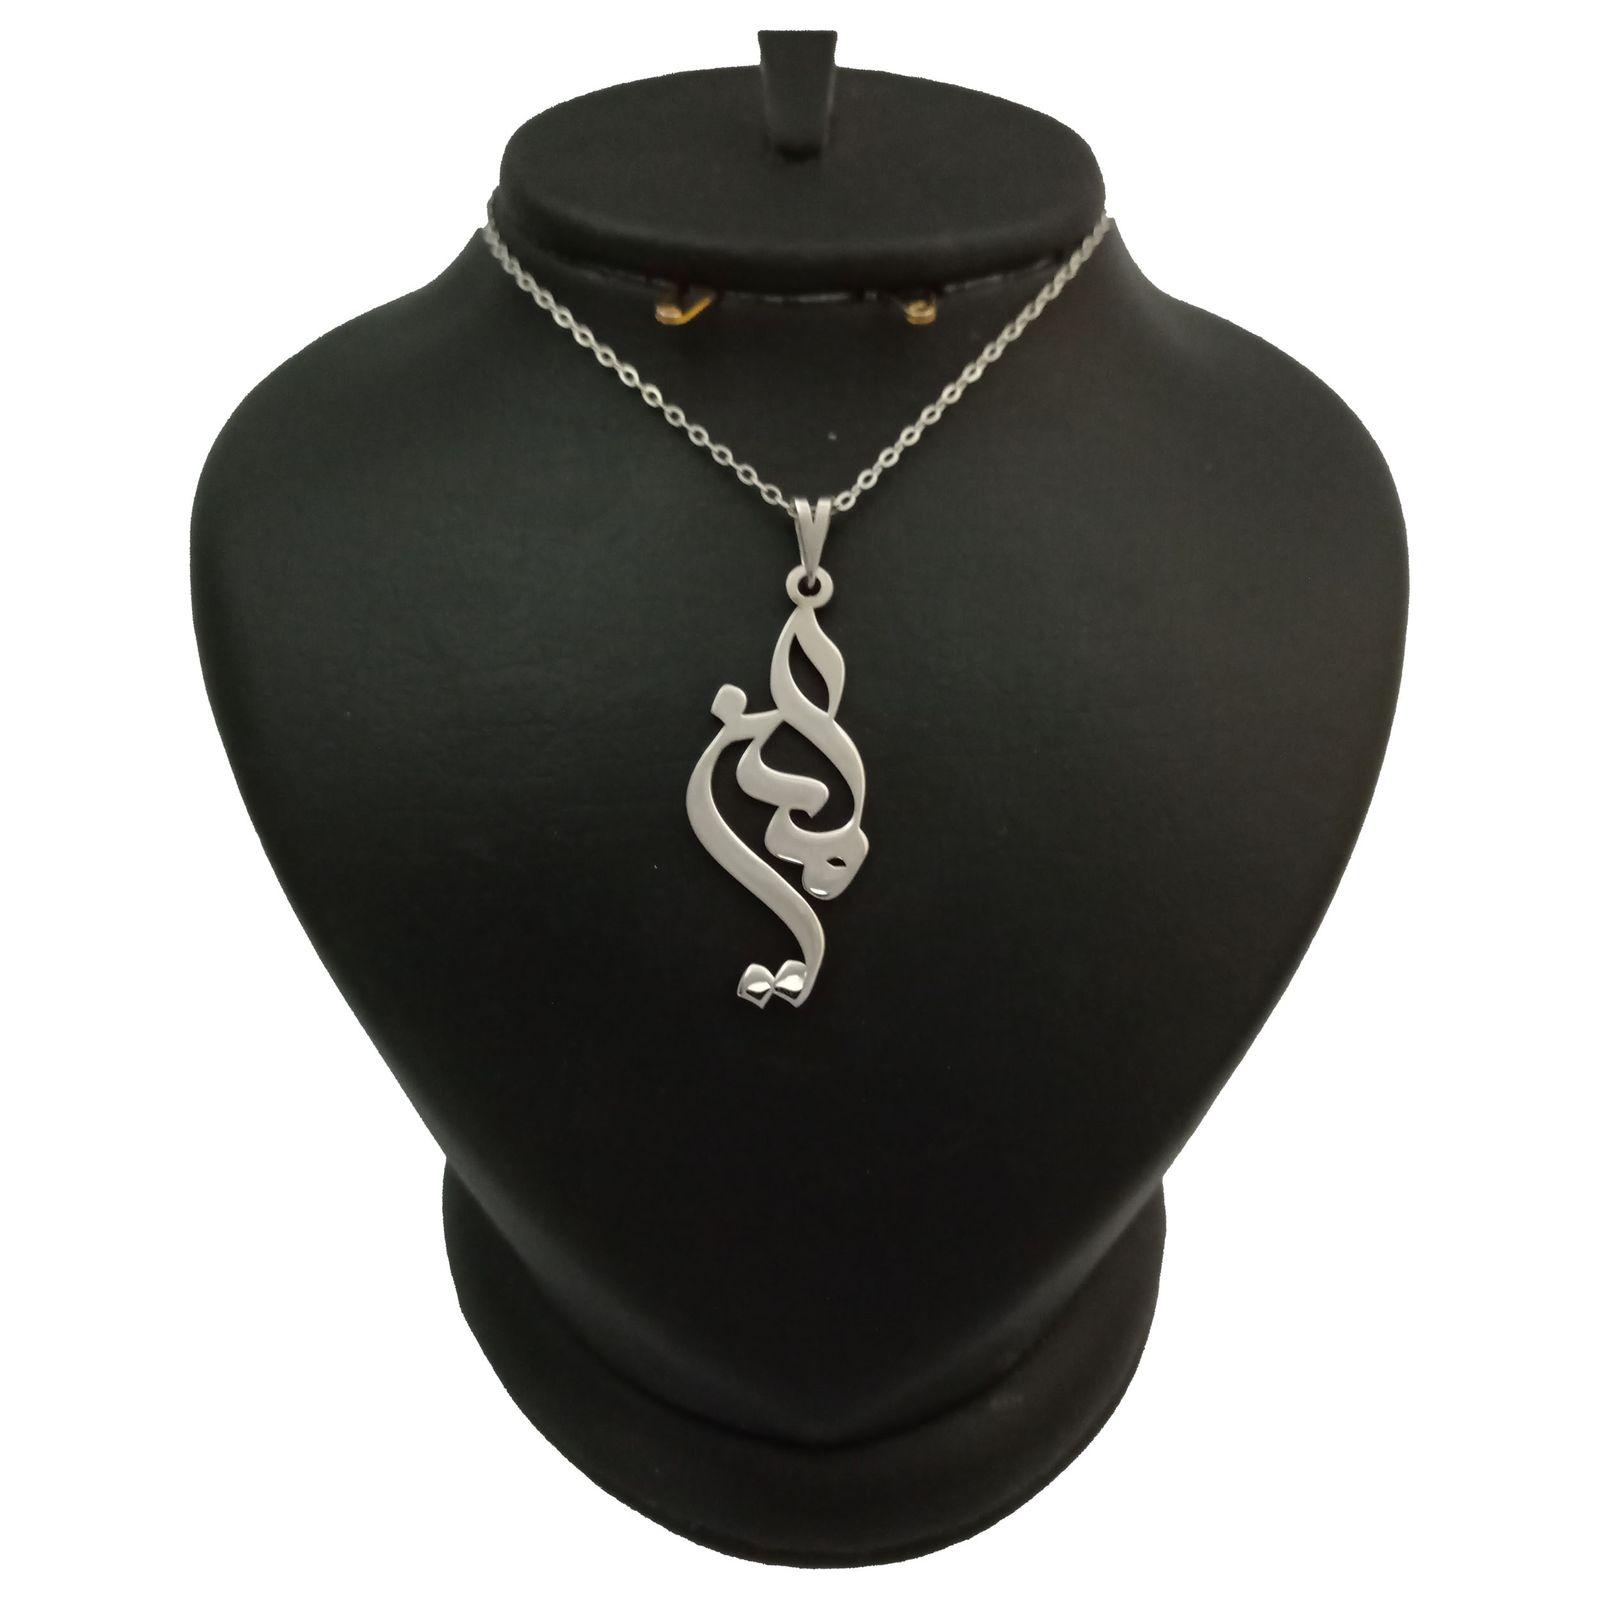 گردنبند نقره مردانه ترمه 1 طرح امین کد mas 0019 -  - 2